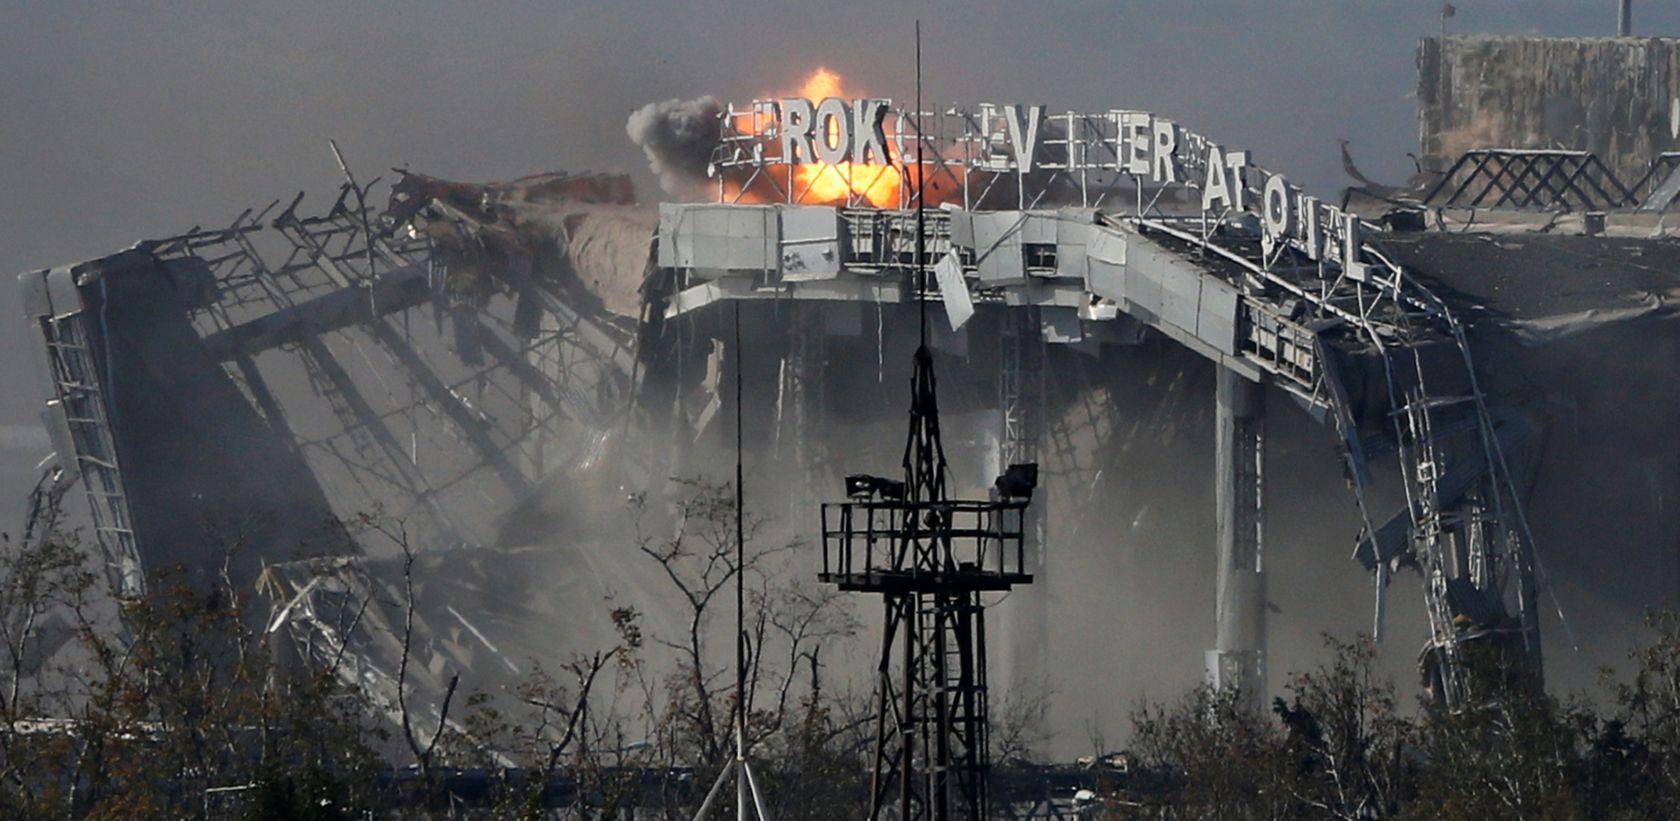 """242 дні захисту: до Дня пам'яті """"кіборгів"""" у Вінниці влаштують спортивний челендж. ВІДЕО"""